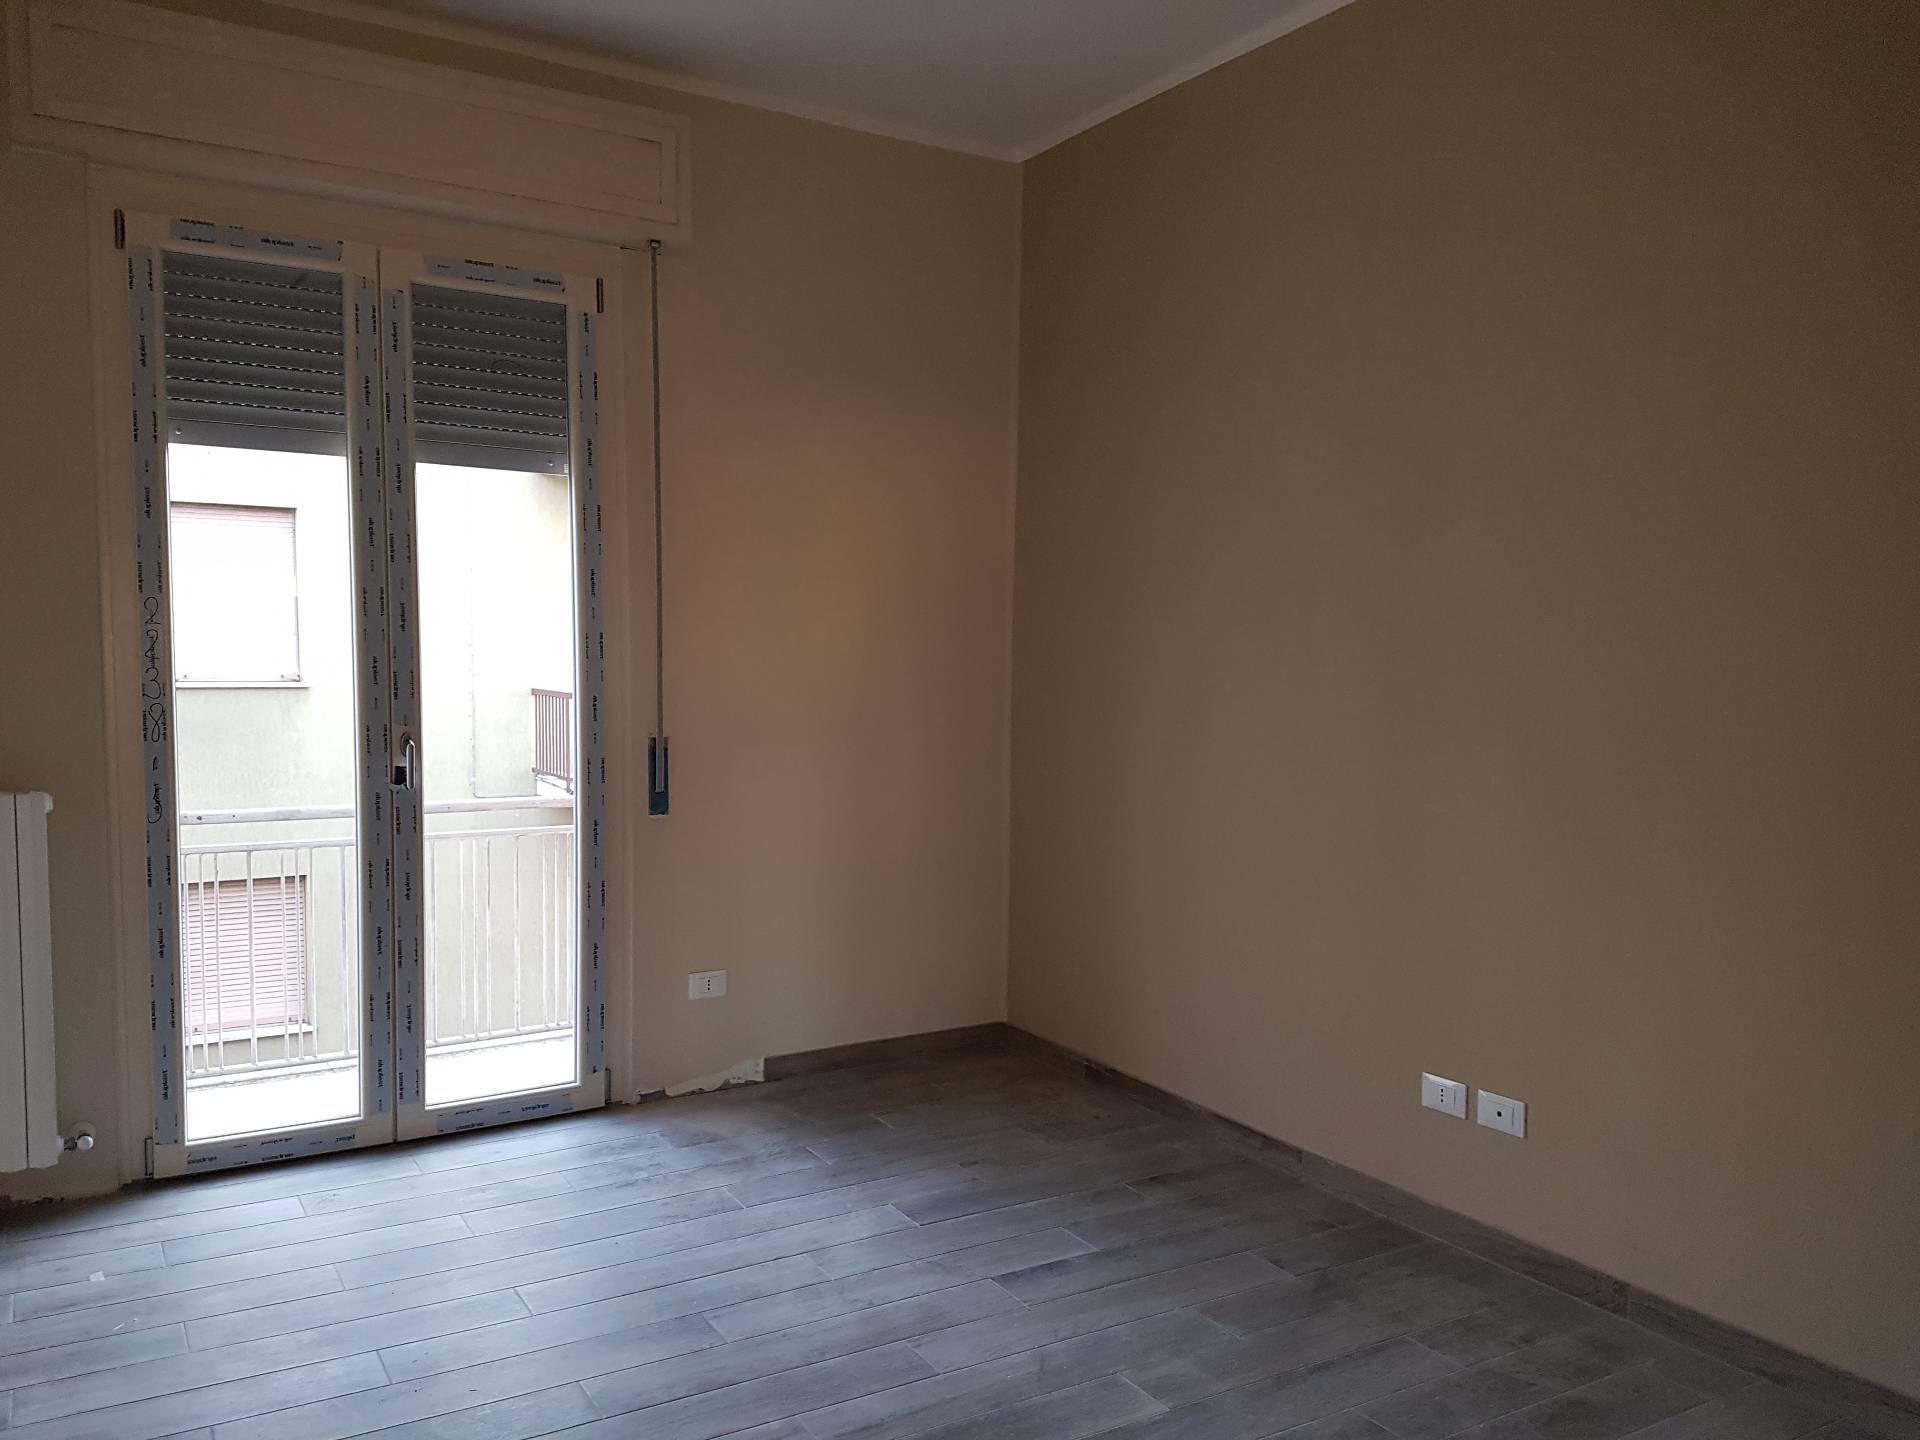 Appartamento in affitto a Podenzano, 3 locali, prezzo € 500 | CambioCasa.it